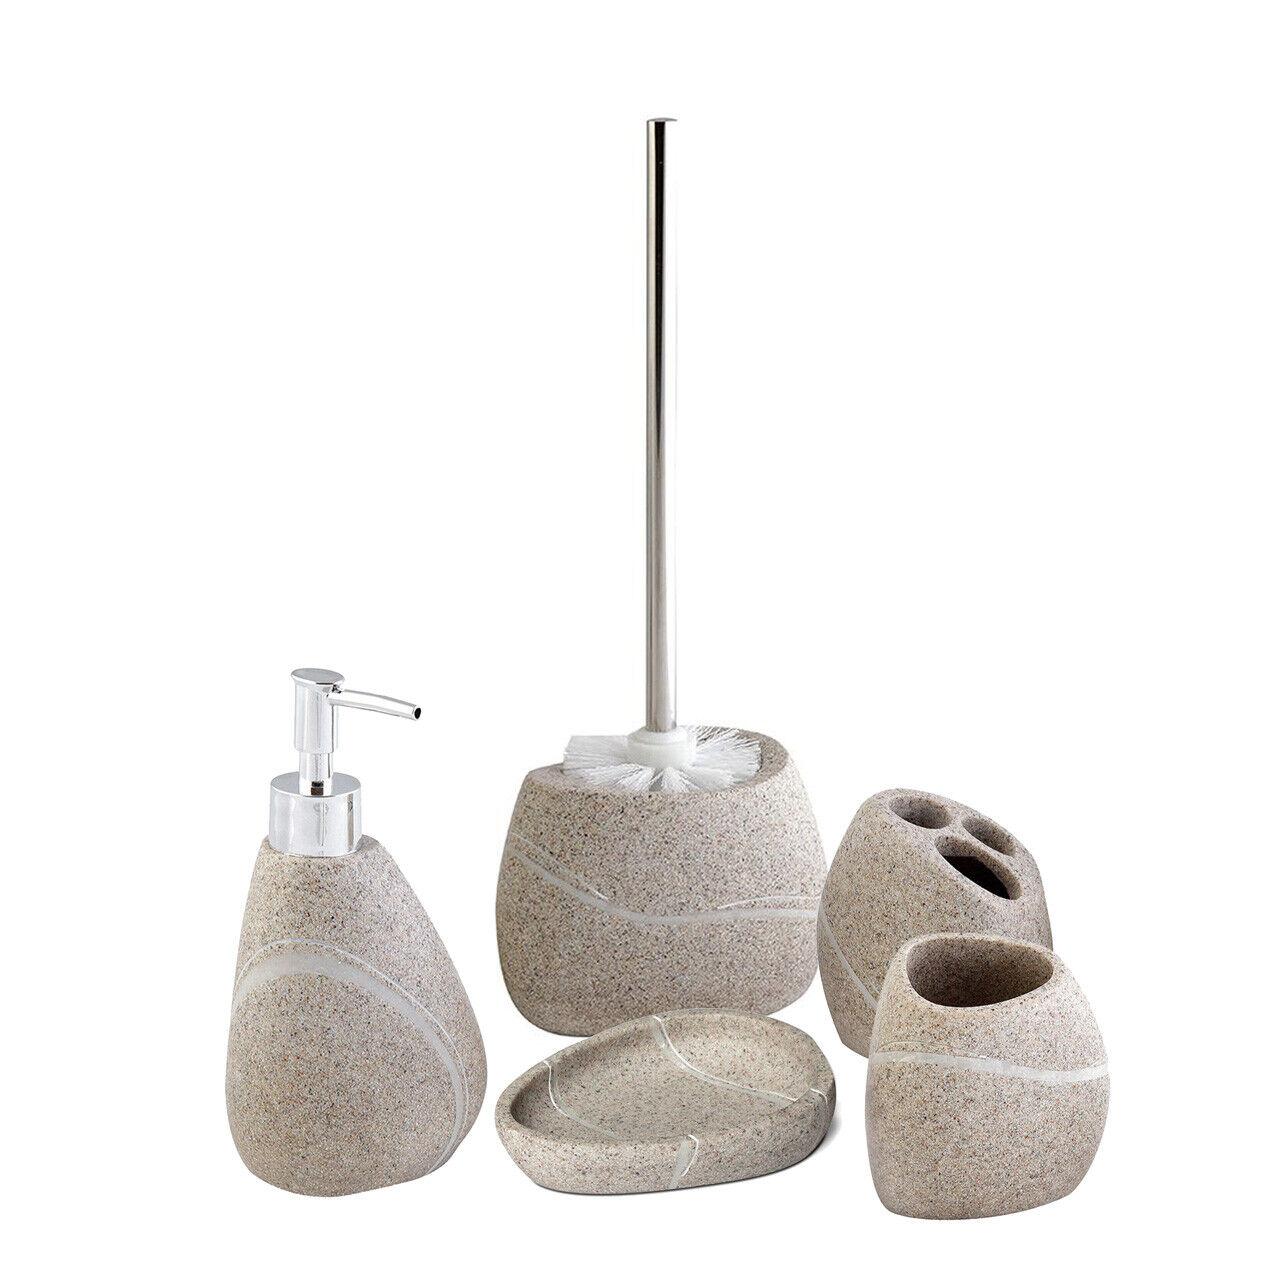 5-tlg Badset - Seifenspender Becher WC-Bürste Seifenschale aus Polyresin